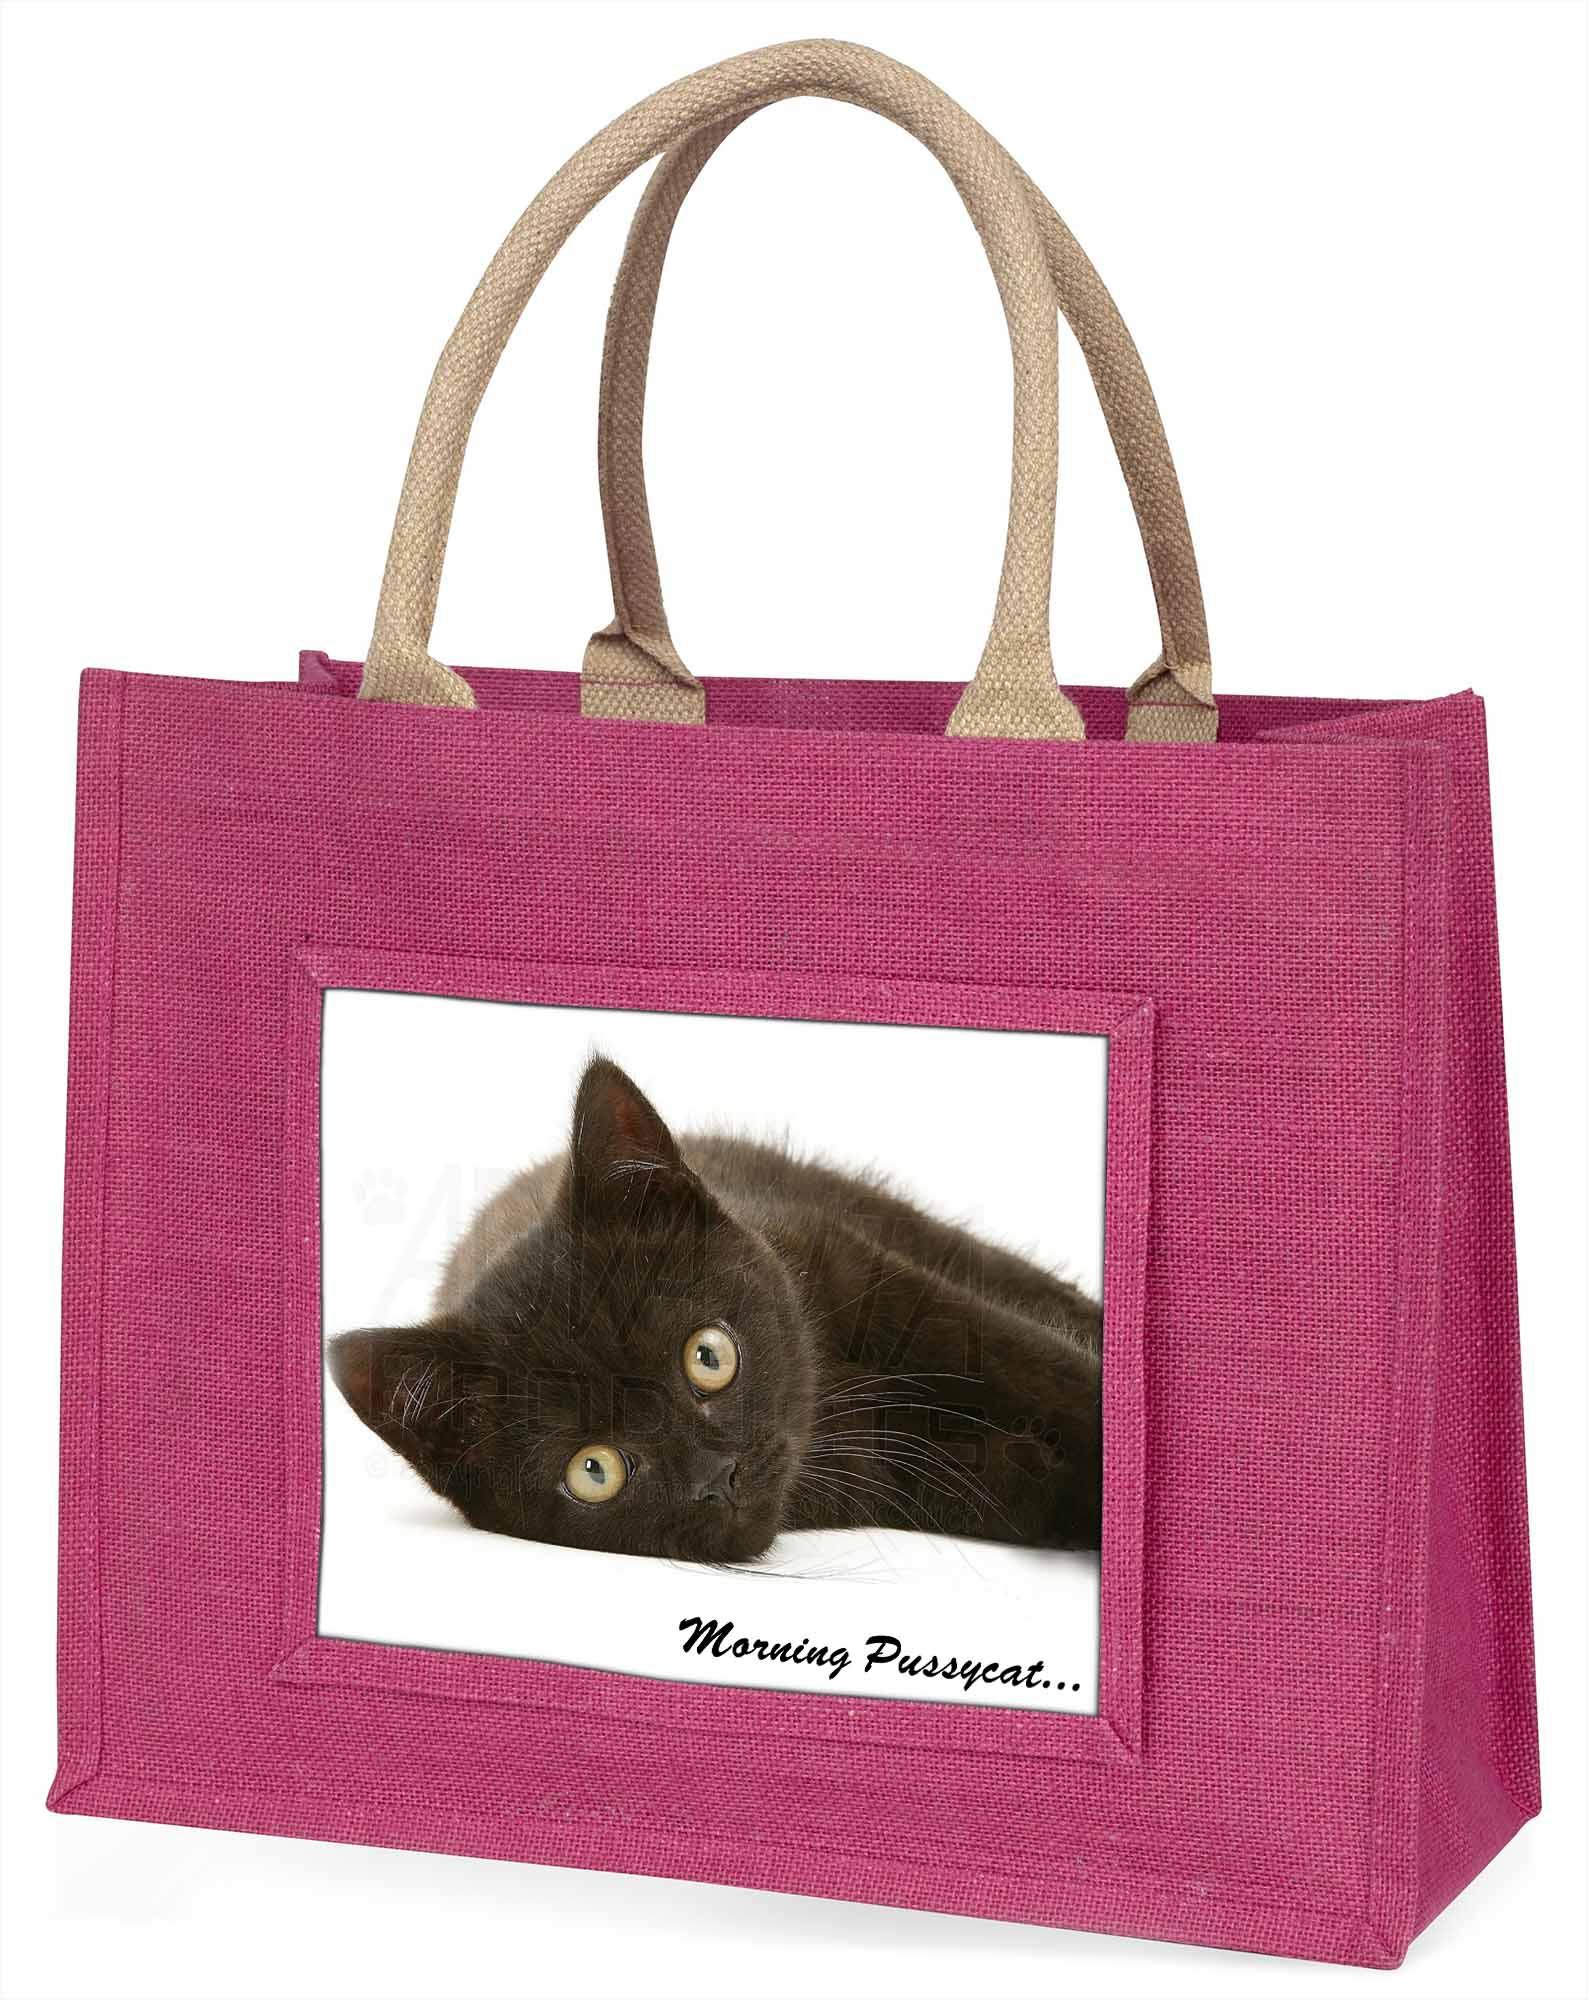 schwarze Katze 'Morning Pussycat' große rosa Einkaufstasche WEIHNACHTEN Presen,